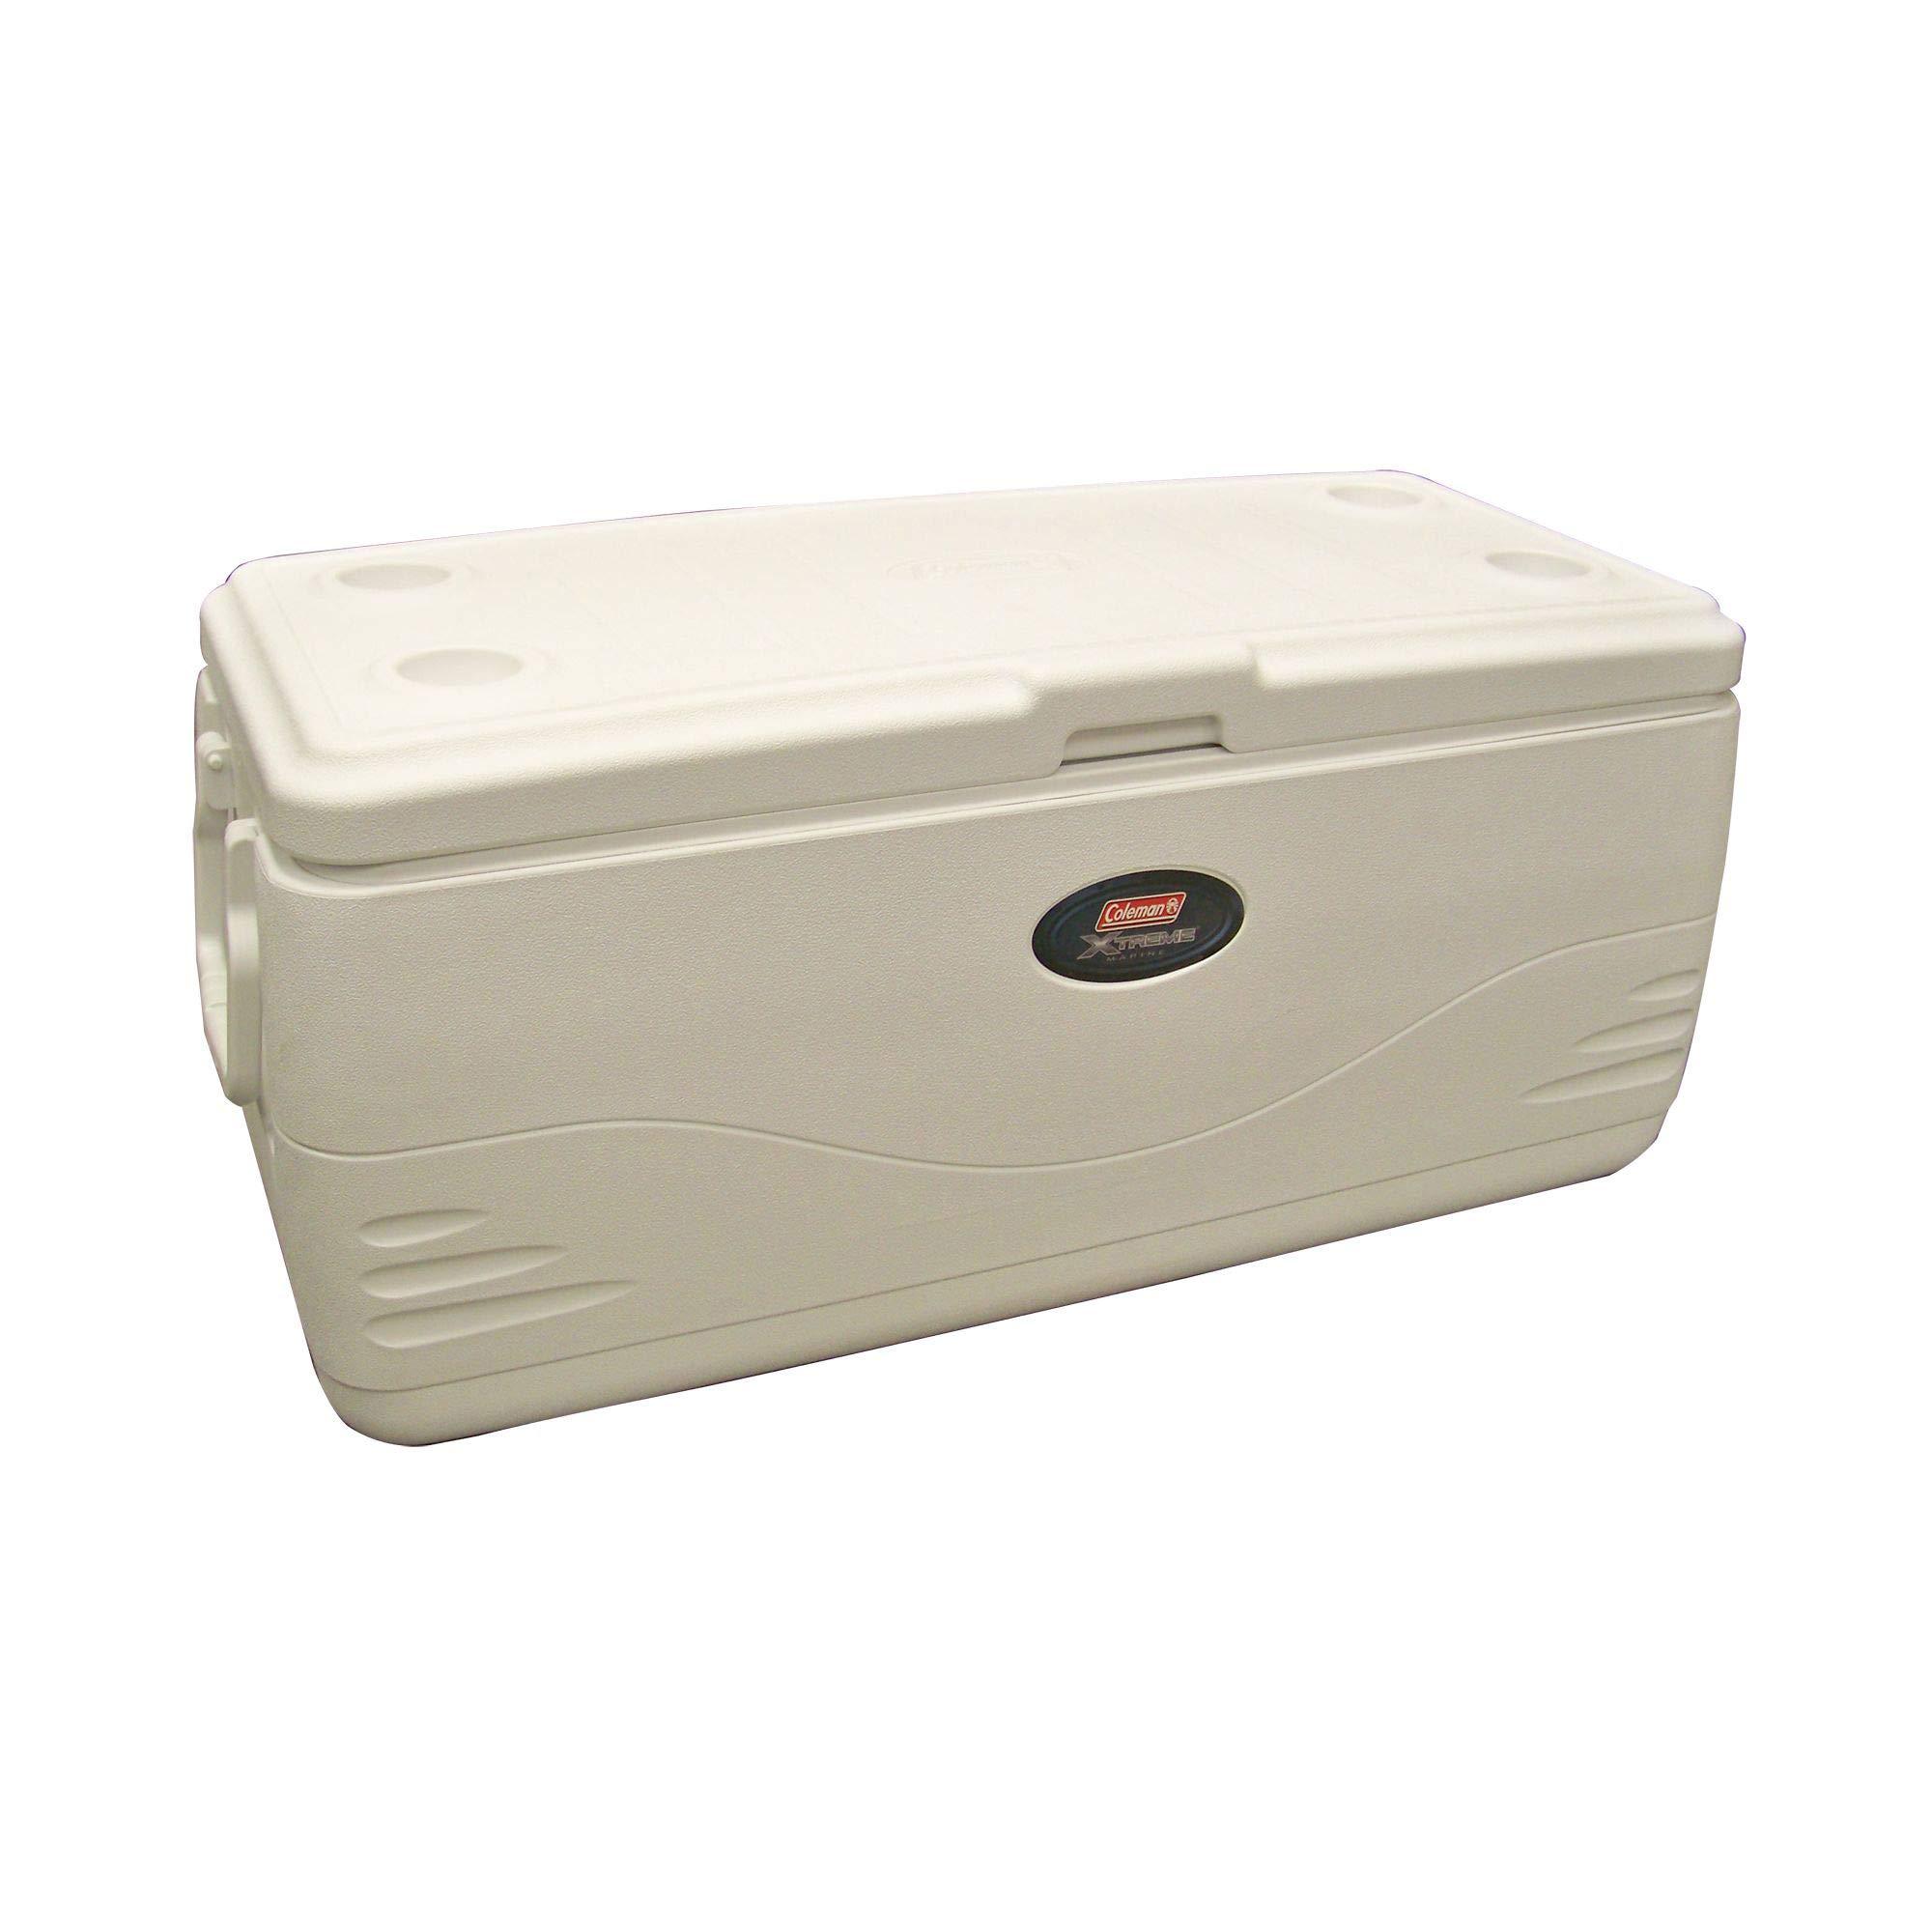 Coleman Marine 150-Quart Cooler - White